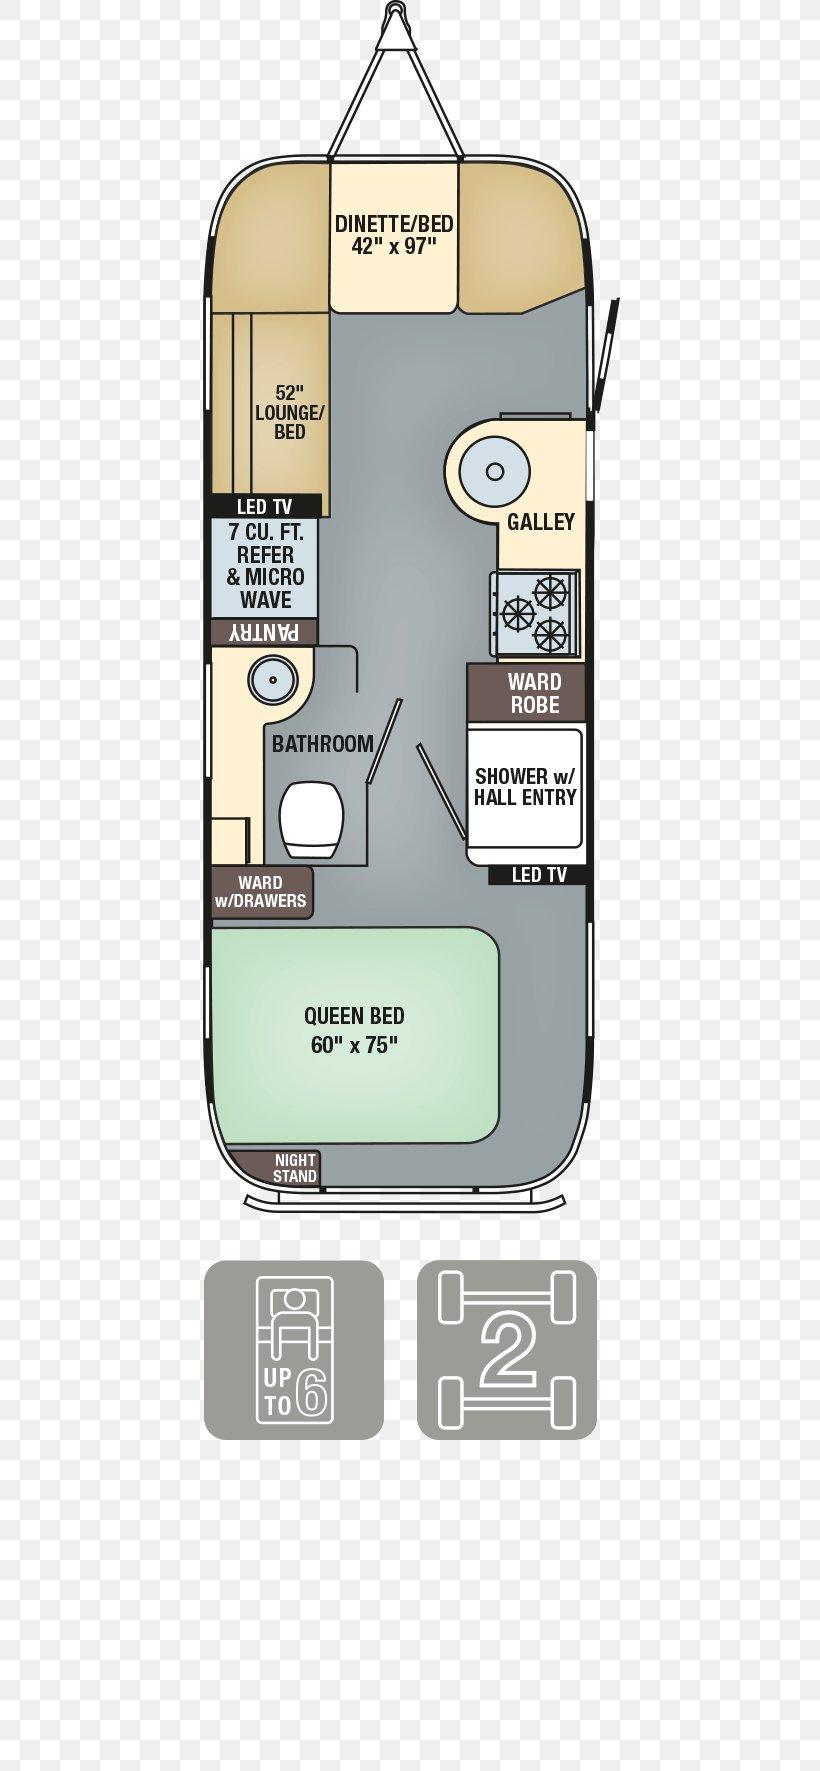 Airstream Caravan Campervans Floor Plan